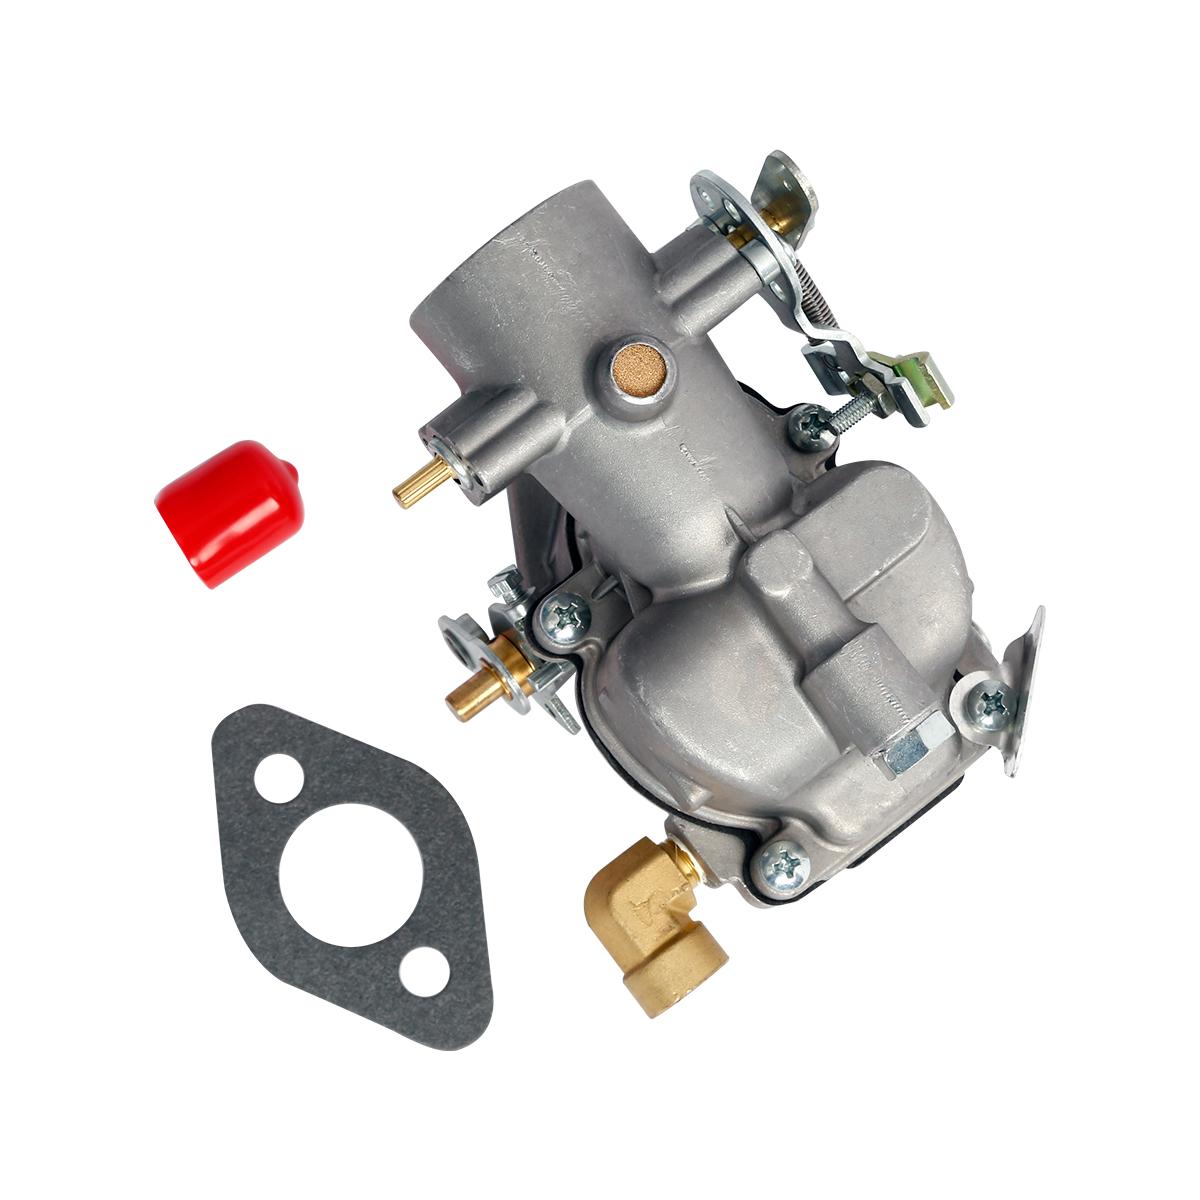 Carburetor for Zenith 70949C92 71523C93 70949C91 MFG 13781 13794 old Cub tractor